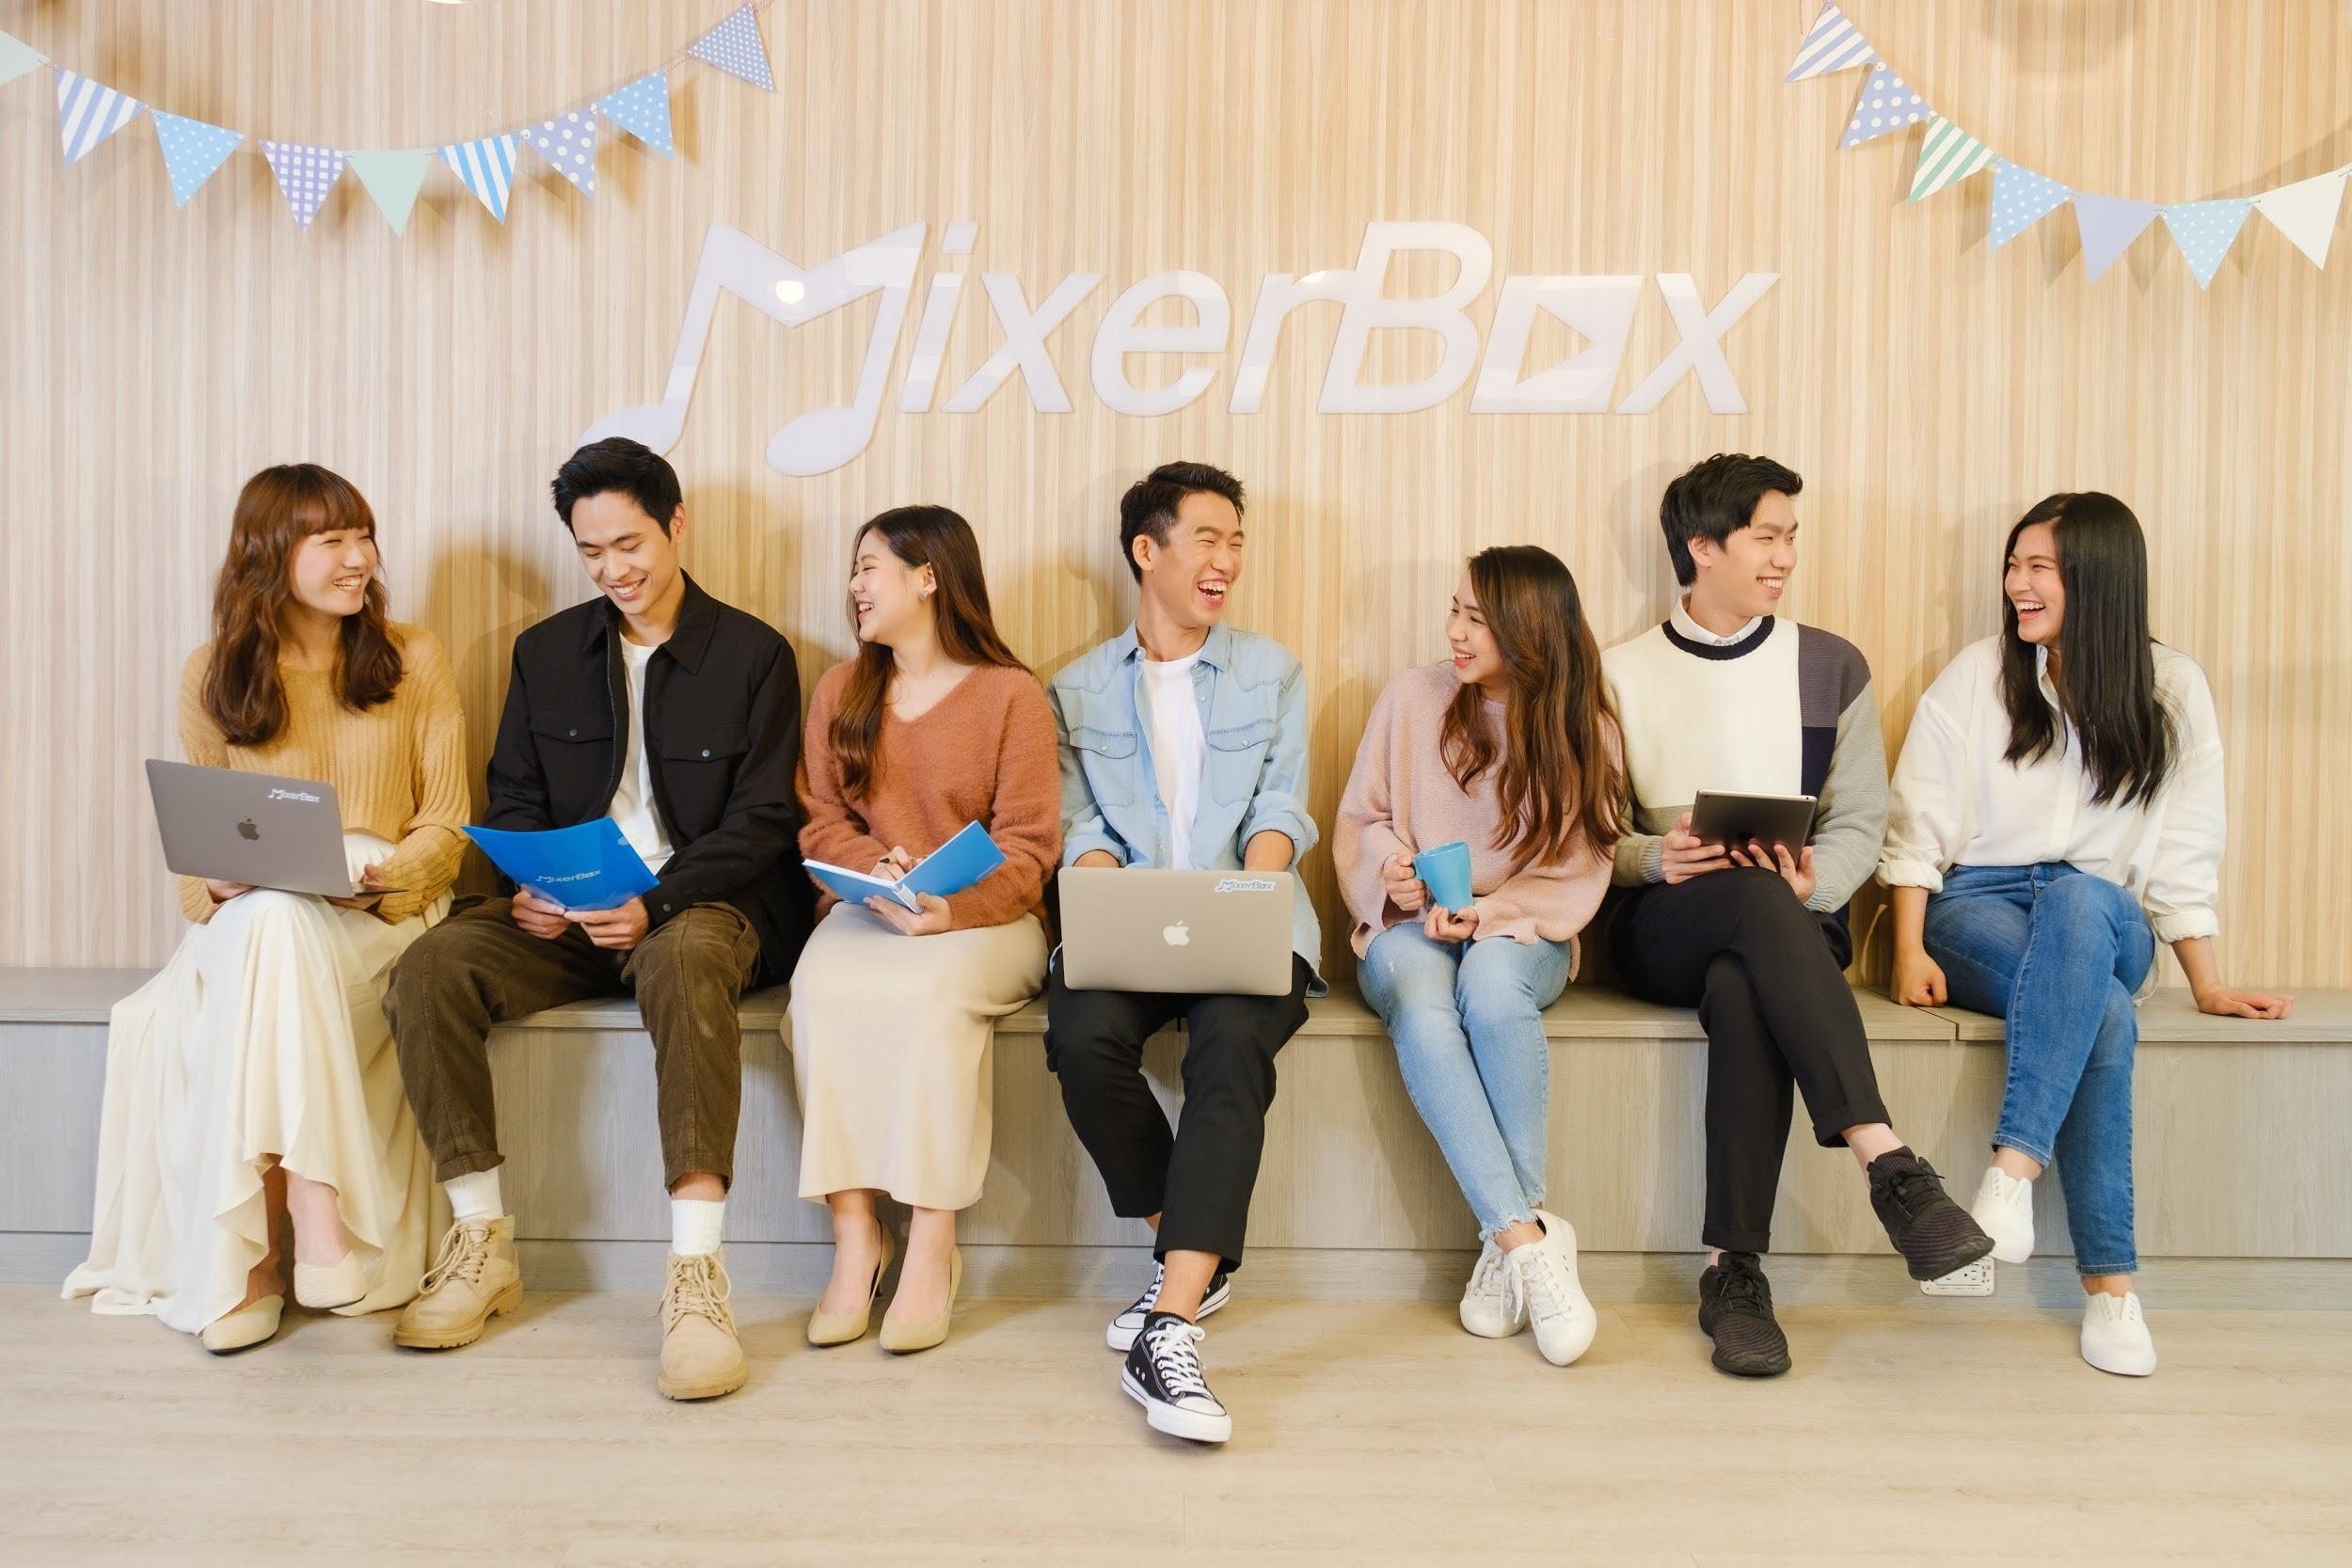 MixerBox 徵才 - 行銷專員月薪 6 萬起